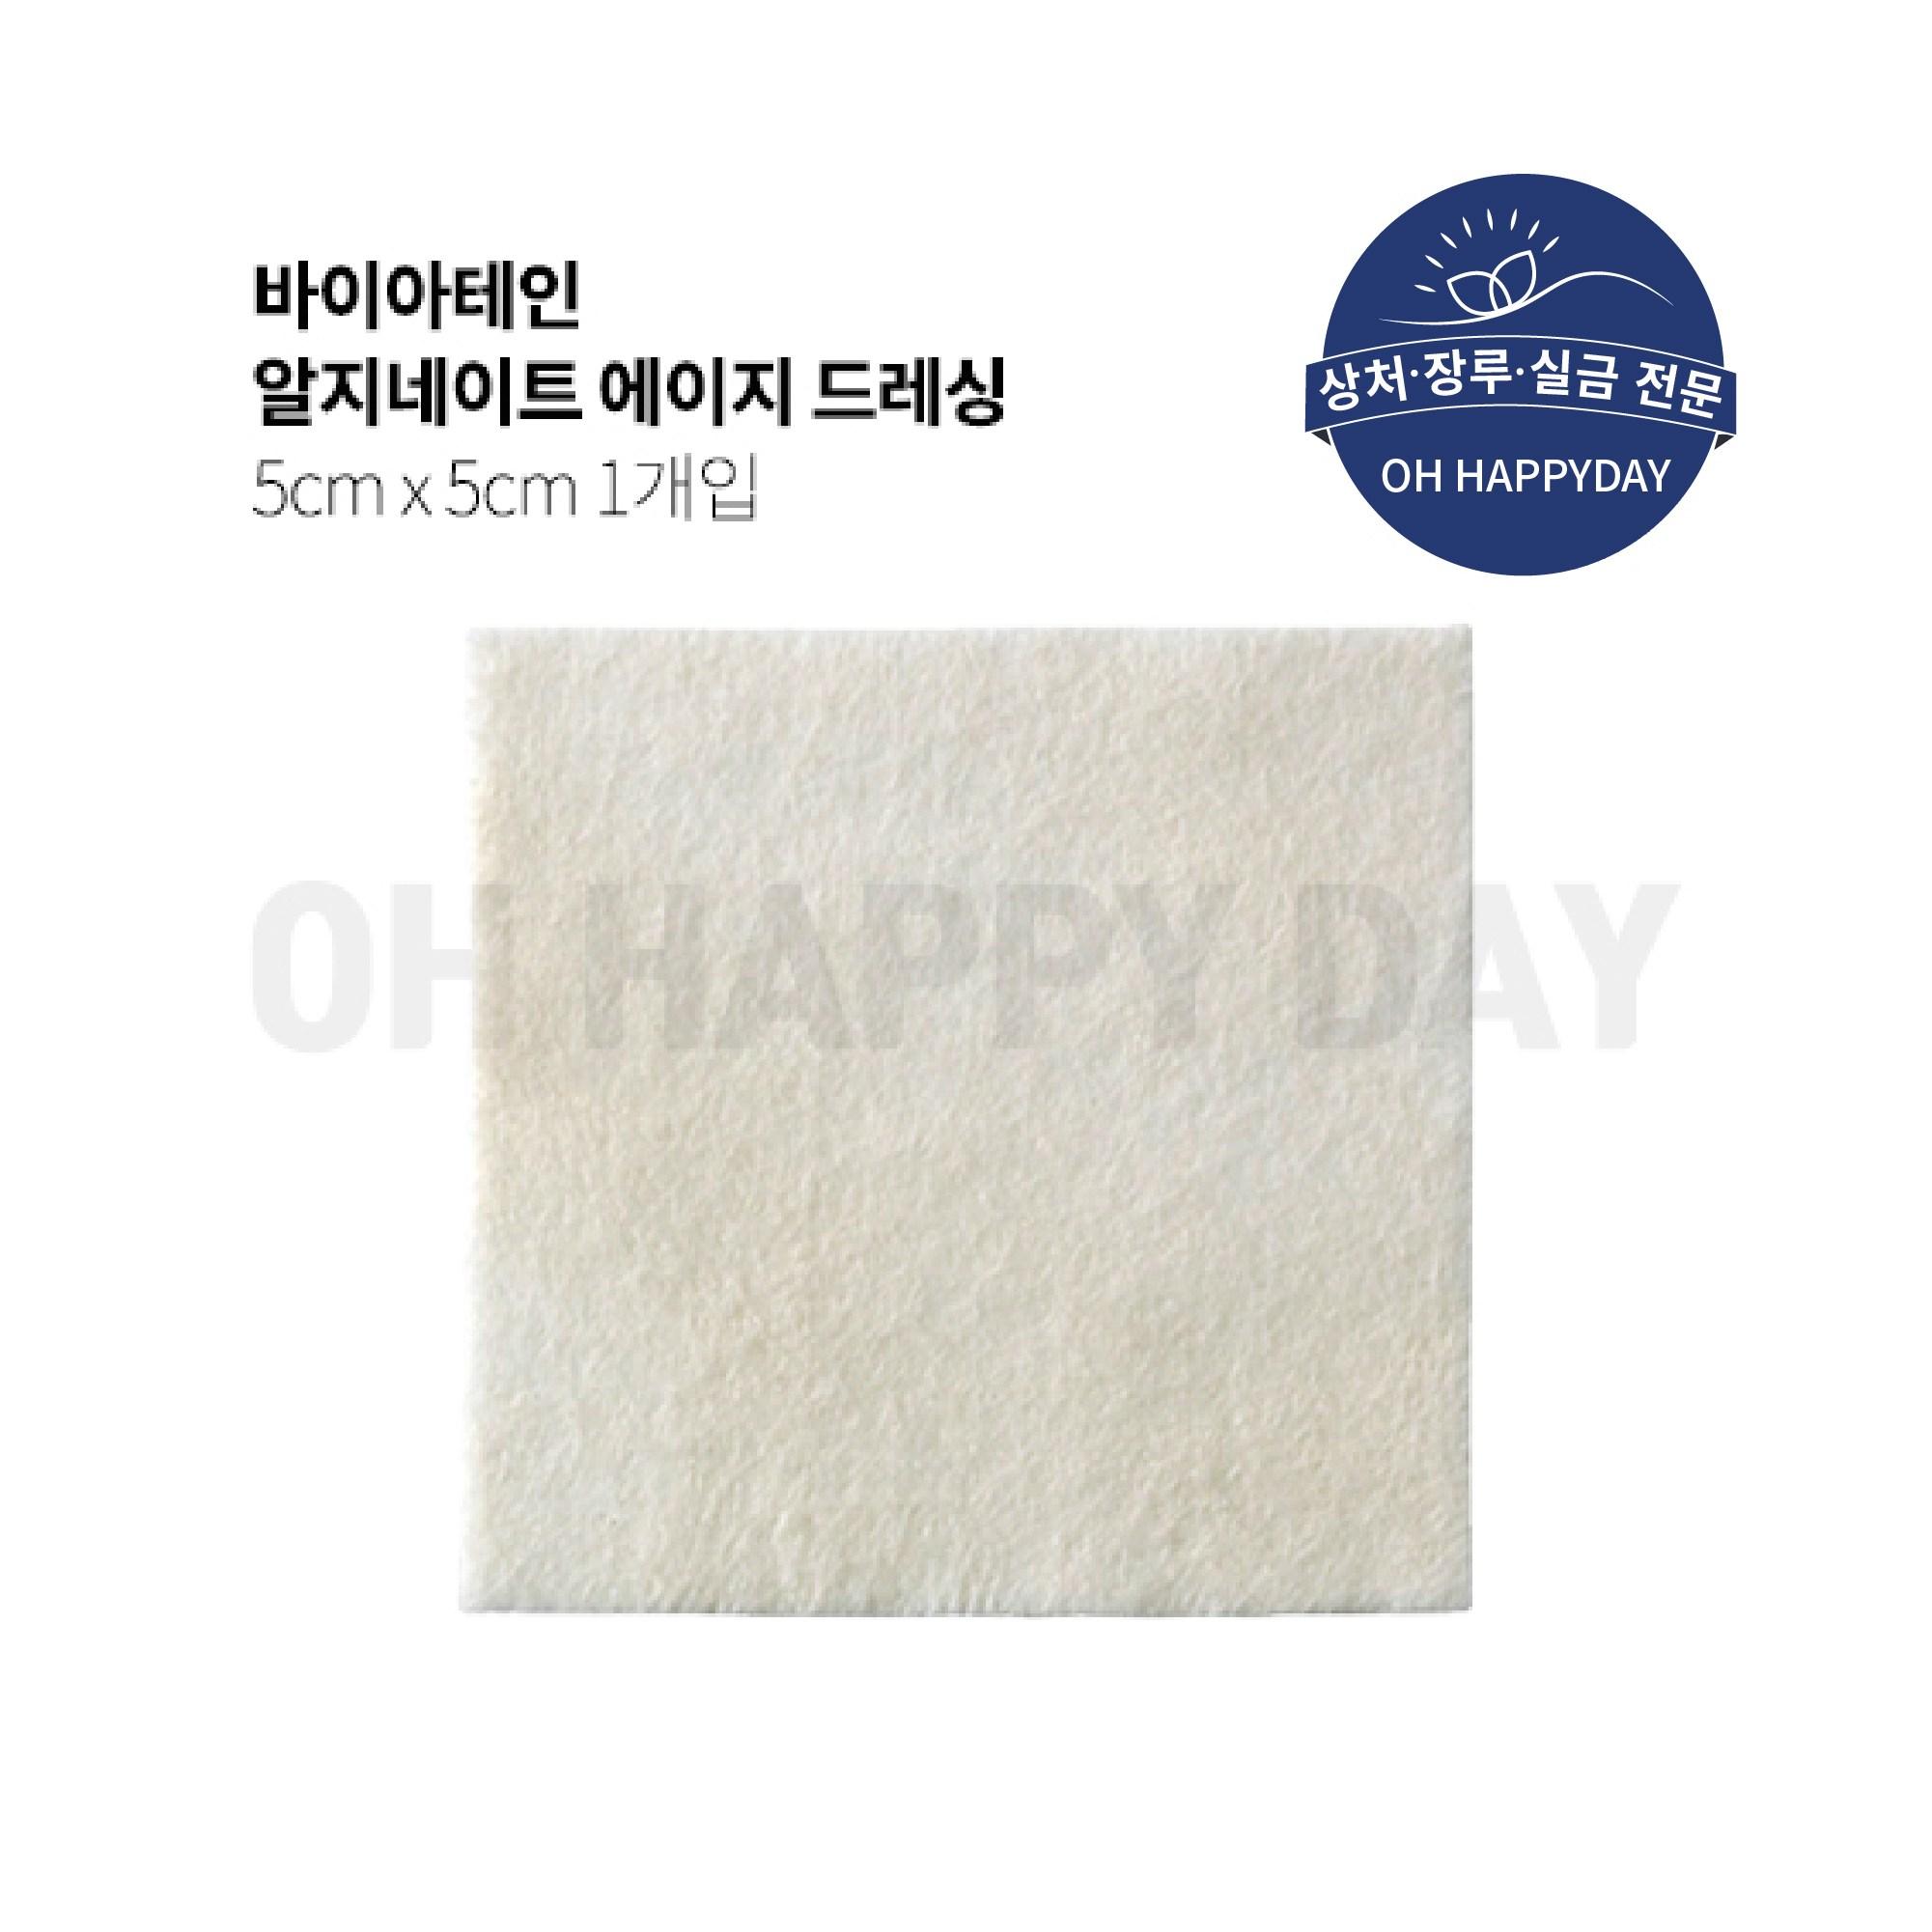 콜로플라스트 바이아테인 알지네이트 에이지 드레싱 3755 5x5cm 1매 Biatain Alginate Ag (POP 5007843892)